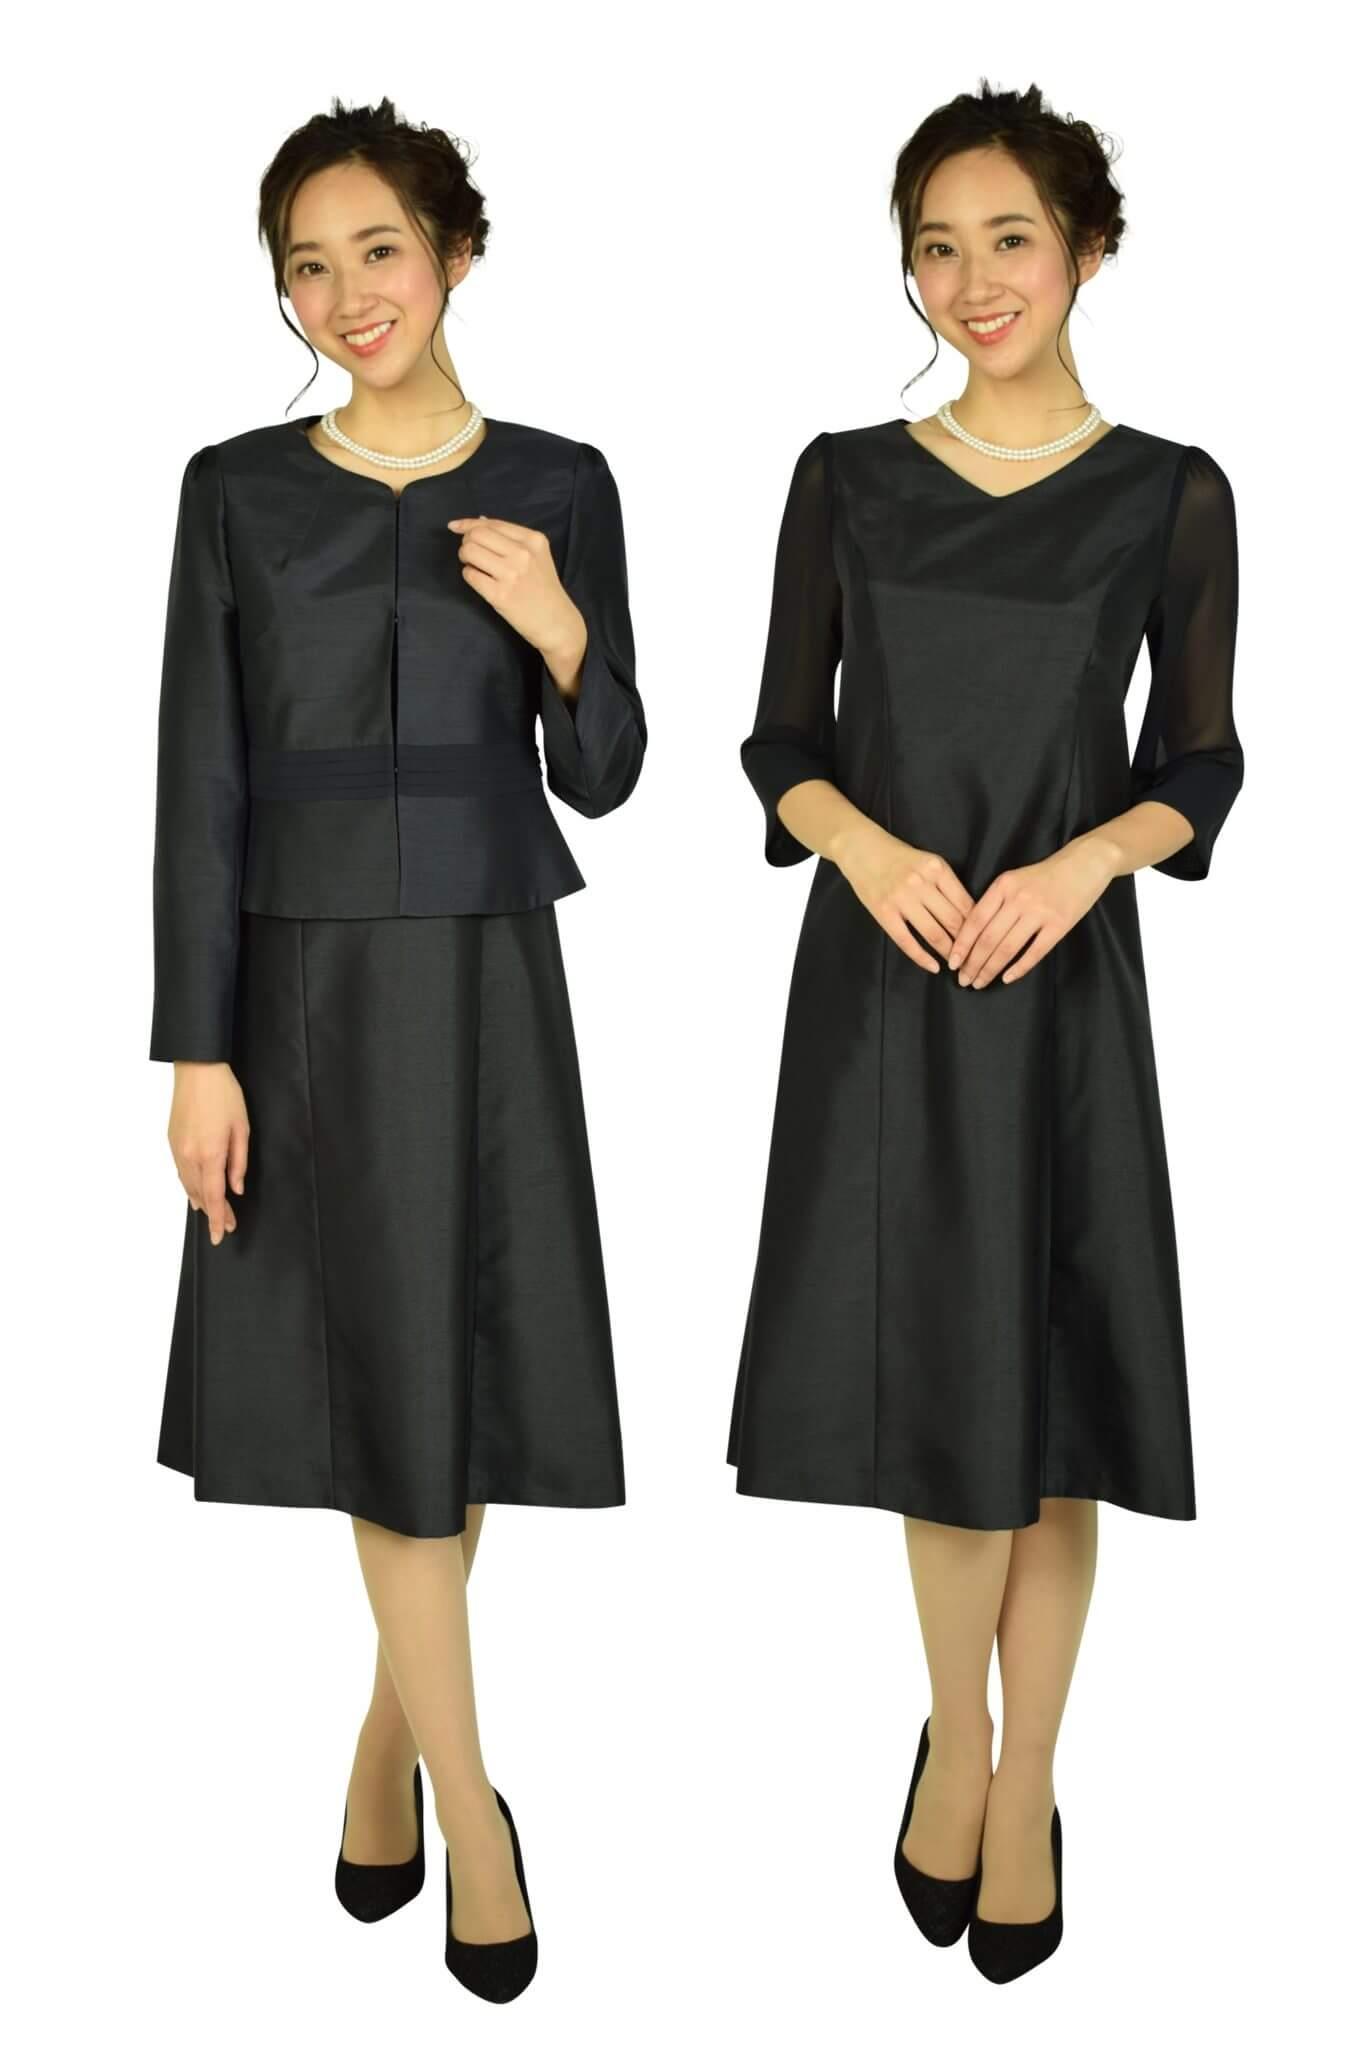 ドレス デコ (DRESS DECO)上品シャンタンセレモニーネイビードレスセット